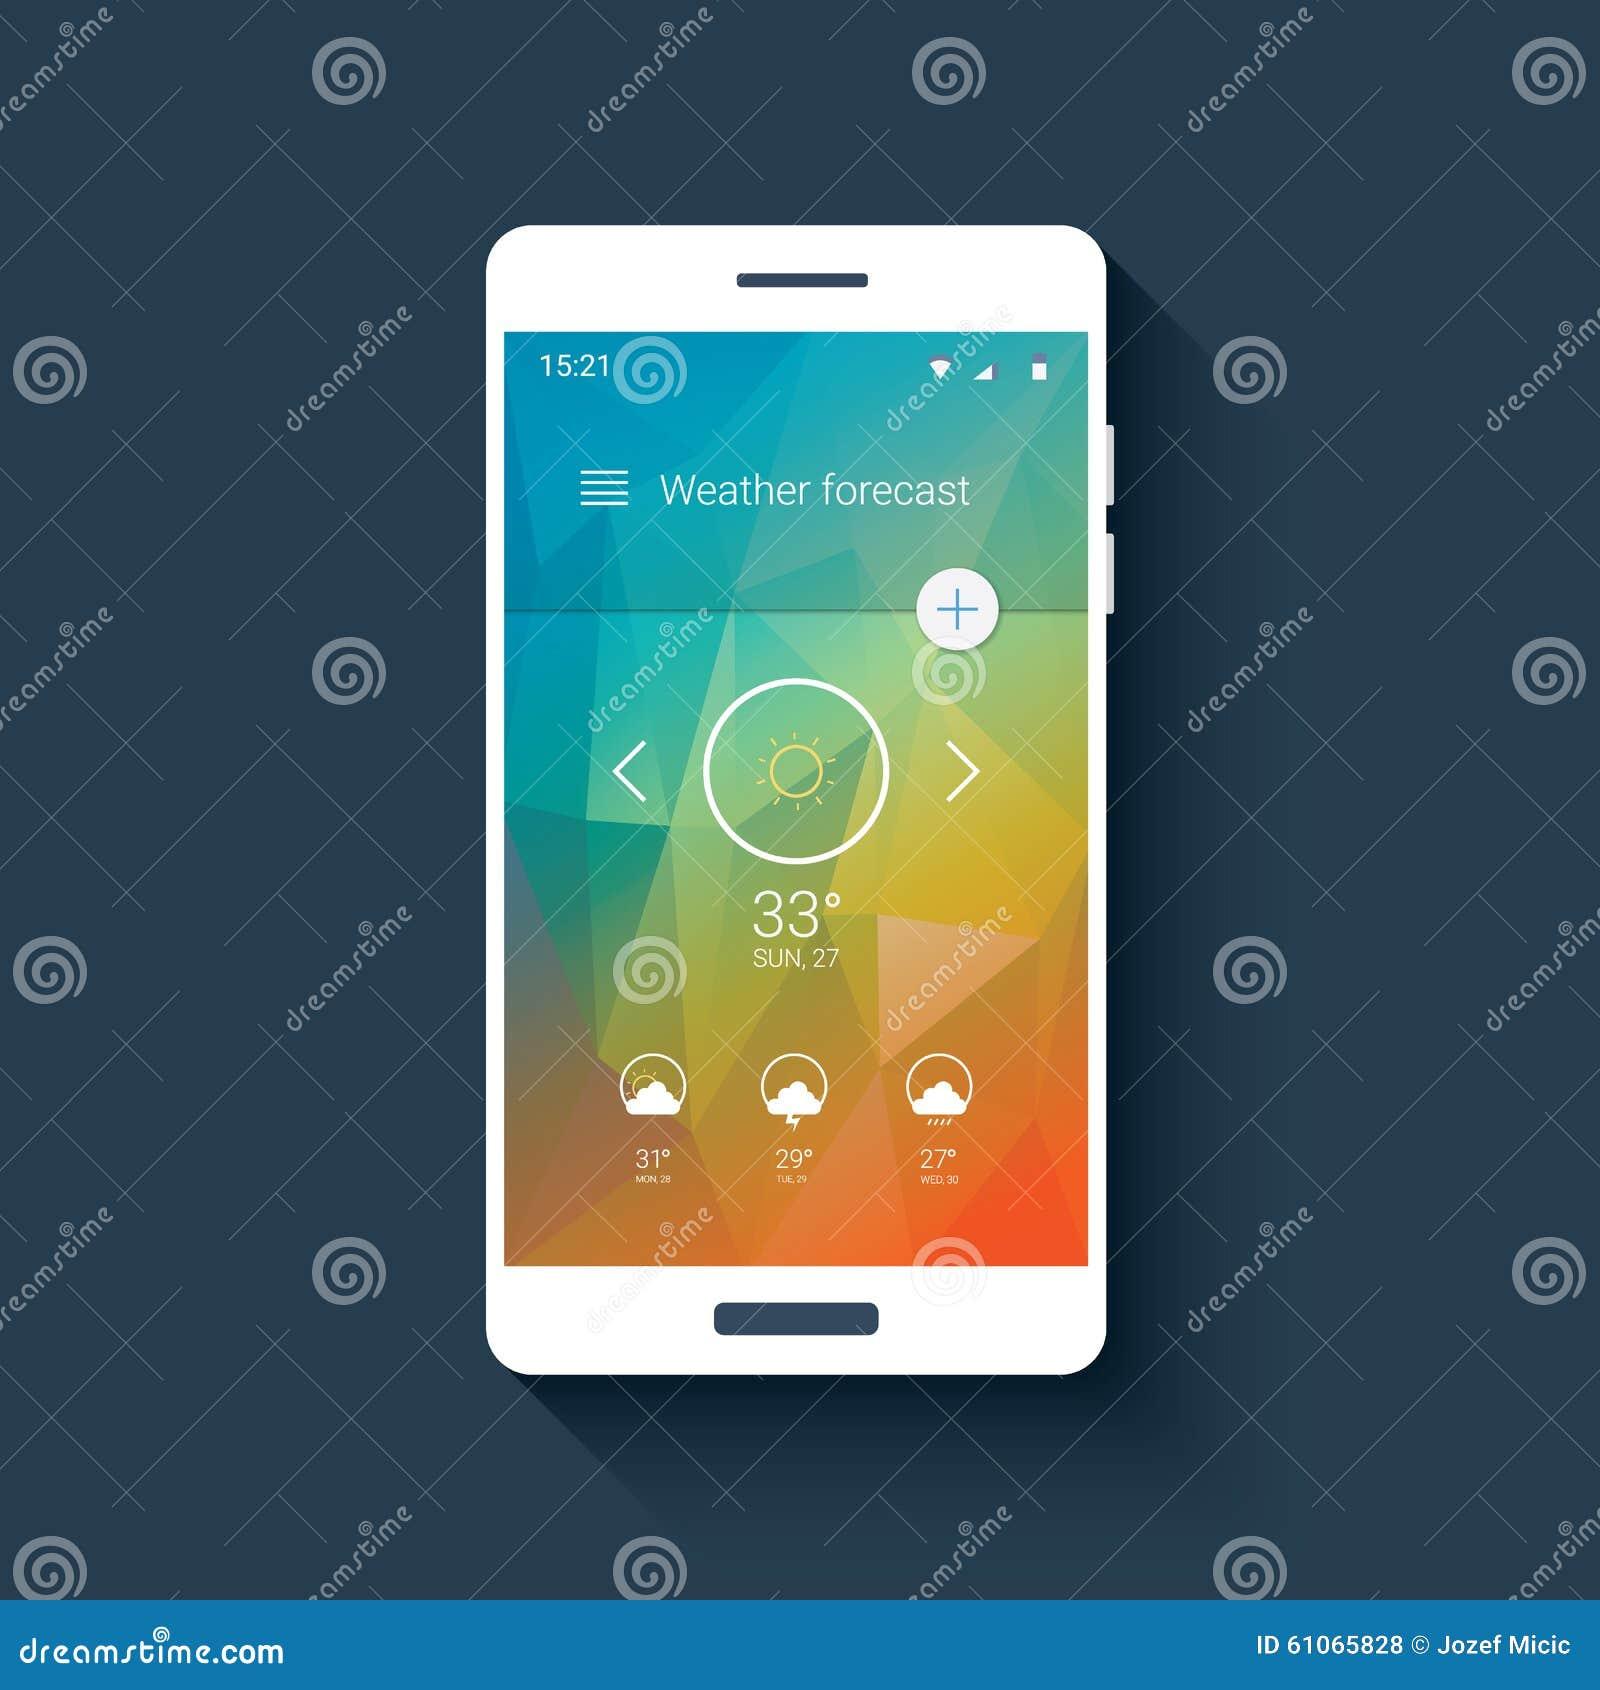 weather forecast ui for smartphone app mobile stock vector image 61065828. Black Bedroom Furniture Sets. Home Design Ideas